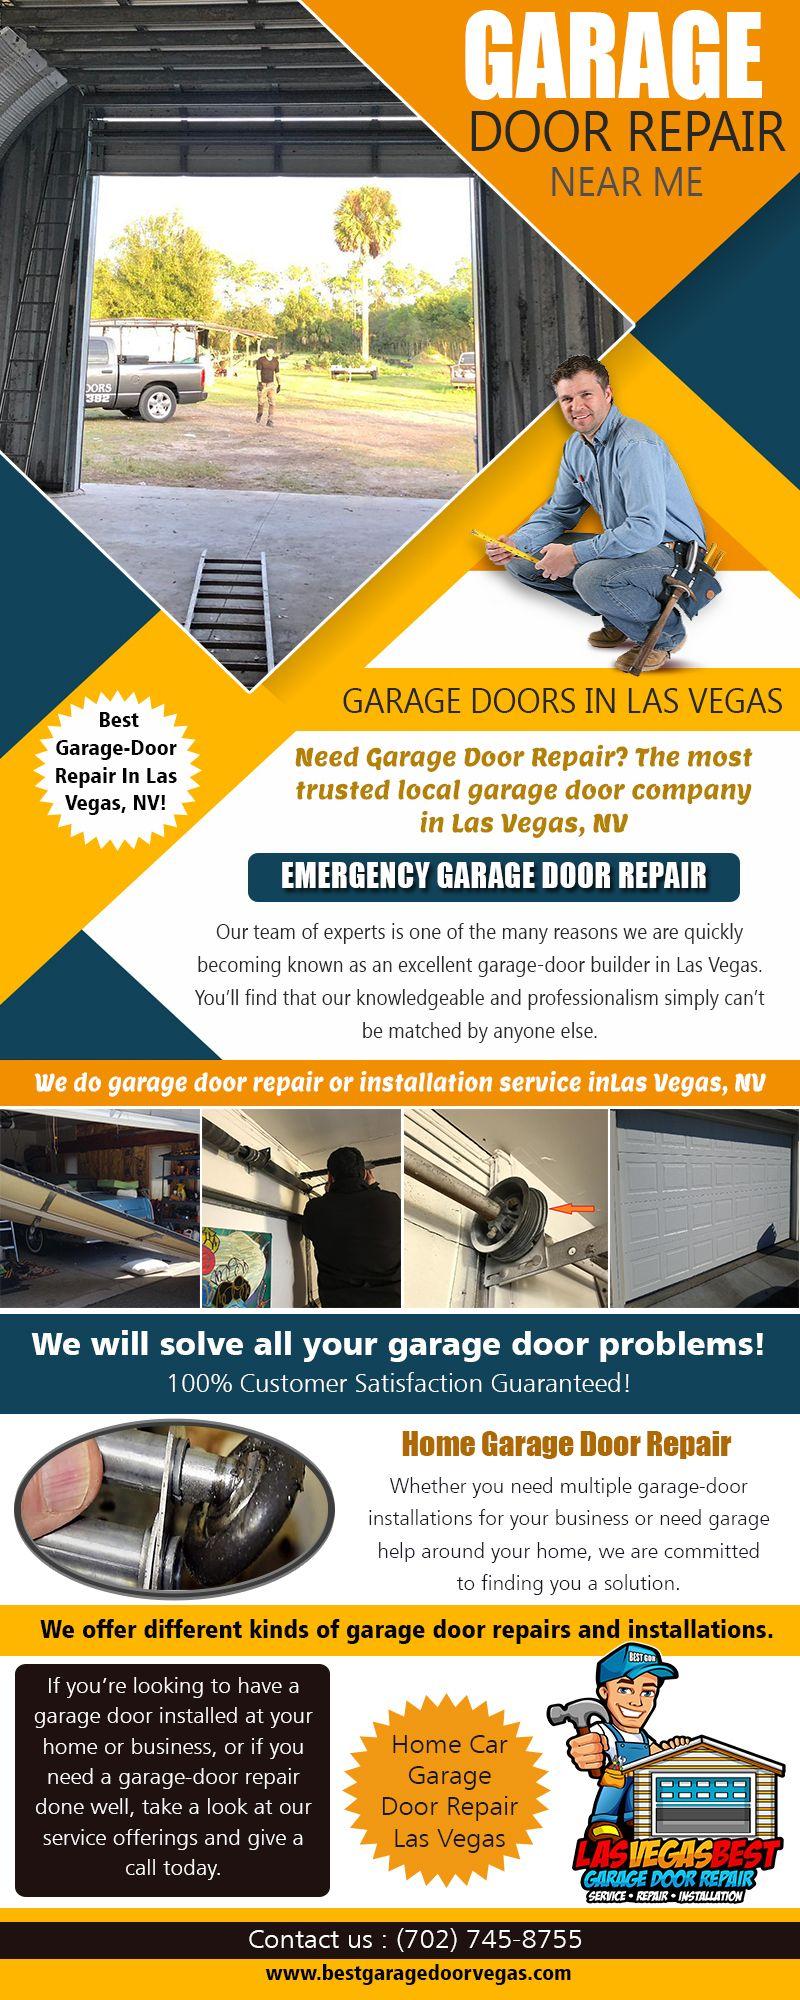 Home Garage Door Repair Service From Certified Technicians At Https Bestgaragedoorvegas Com Garage Door Re Door Repair Garage Door Repair Garage Door Springs